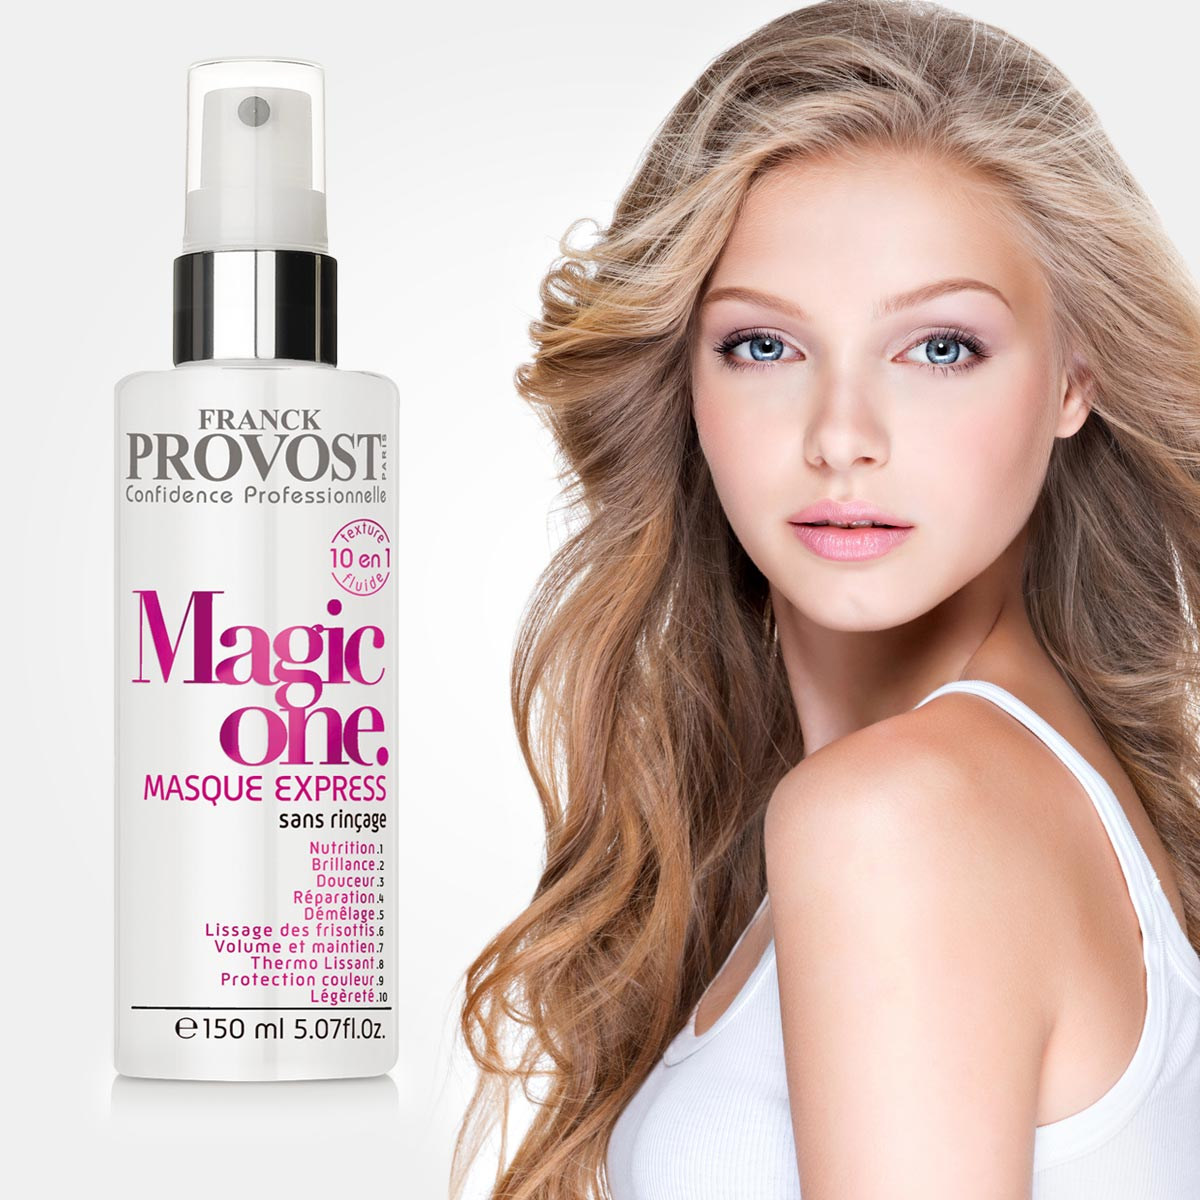 """Řada profesionální vlasové kosmetiky Franck Provost se rozrůstá o """"must have"""" produkt Magic One. Expresní neoplachovací maska 10 v 1 nabízí skvělé vlasy jako mávnutím kouzelné hůlky. Vlasy vyživí, zregeneruje, okamžitě se snadno rozčesávají, jsou chráněné proti UV paprskům, jsou lesklé, hebké, pružné, bez krepatění, usnadňuje úpravu účesu a ten drží déle než obvykle."""